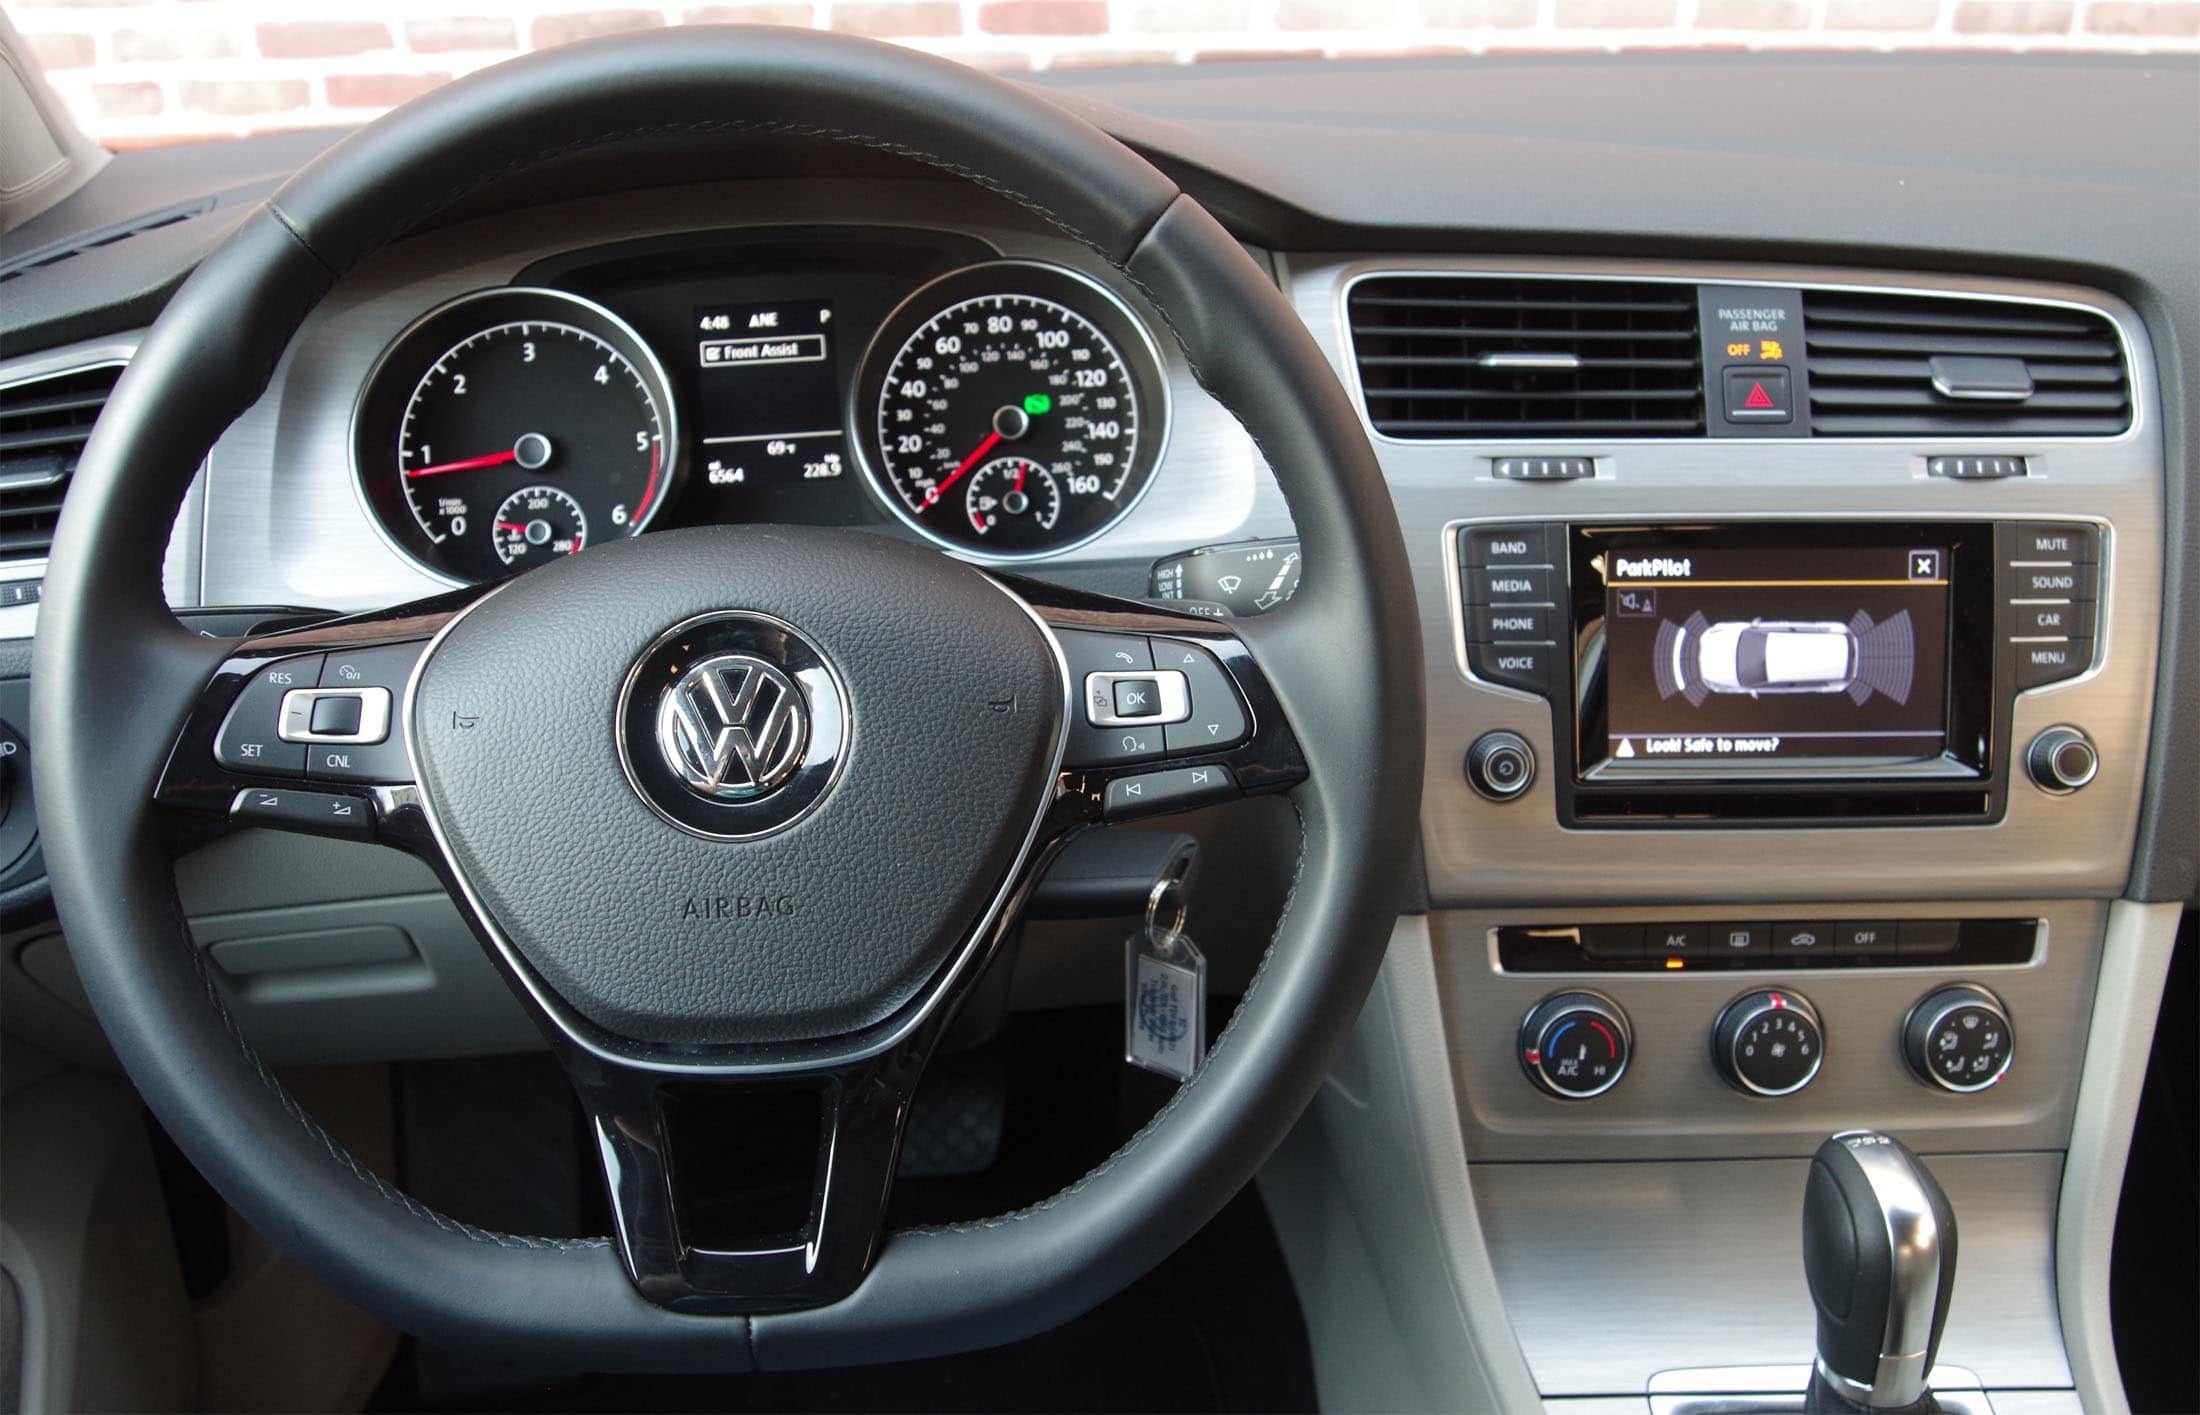 2015 Volkswagen Golf dashboard